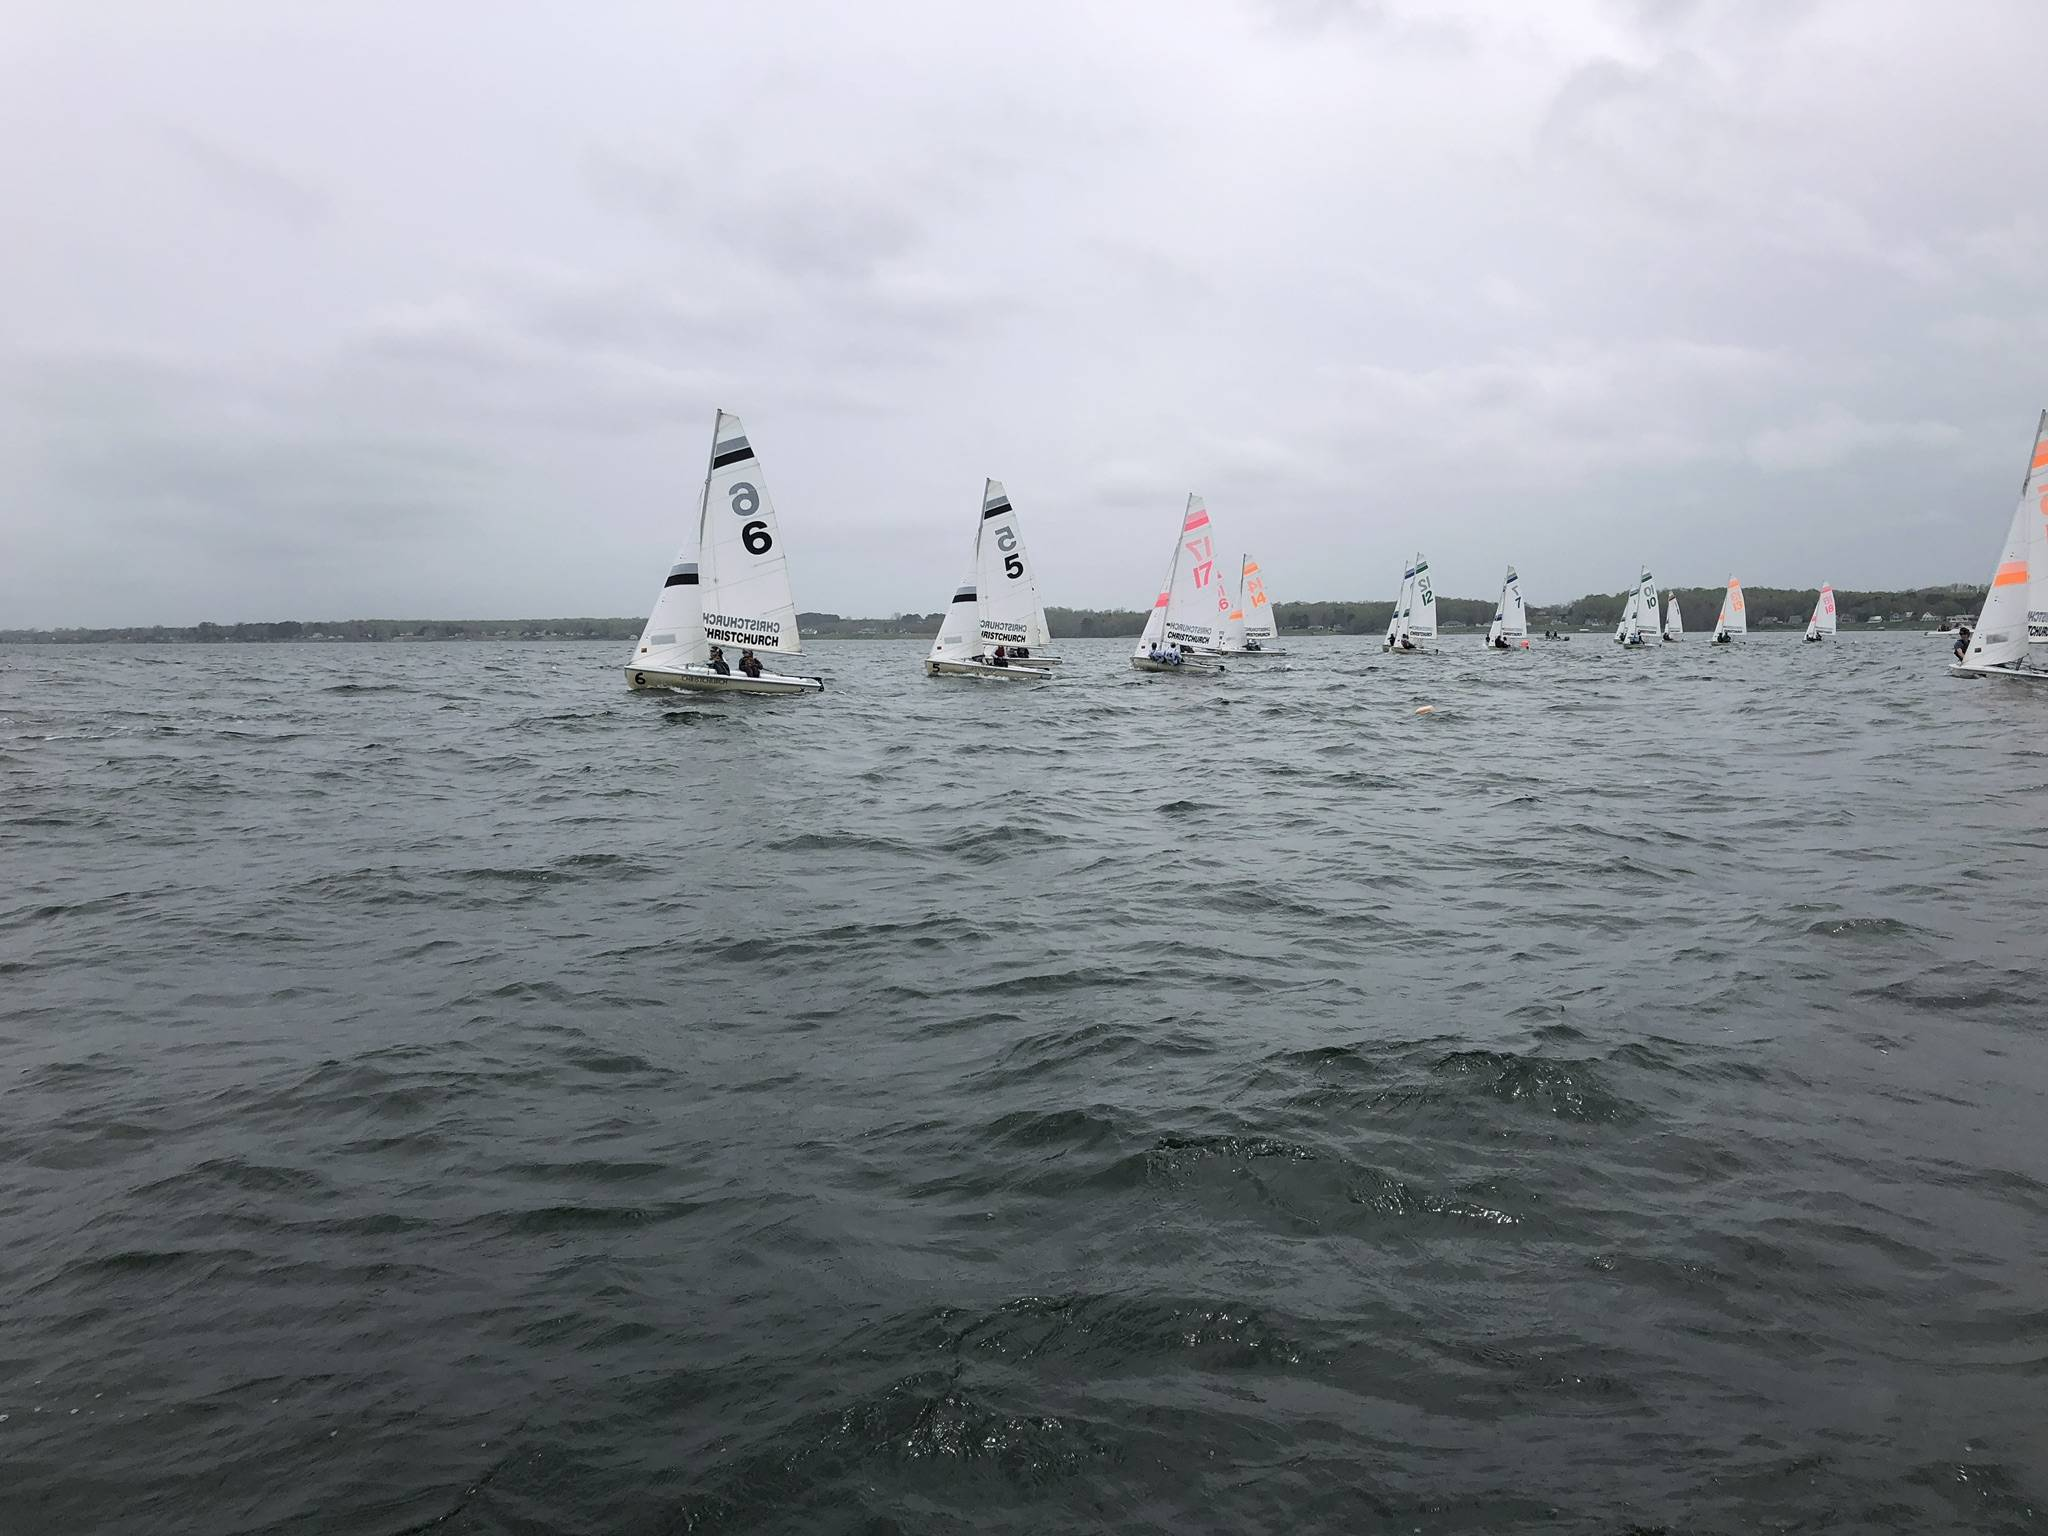 da5f481713c2941127f3_southern_sailing_4-17-18.jpeg